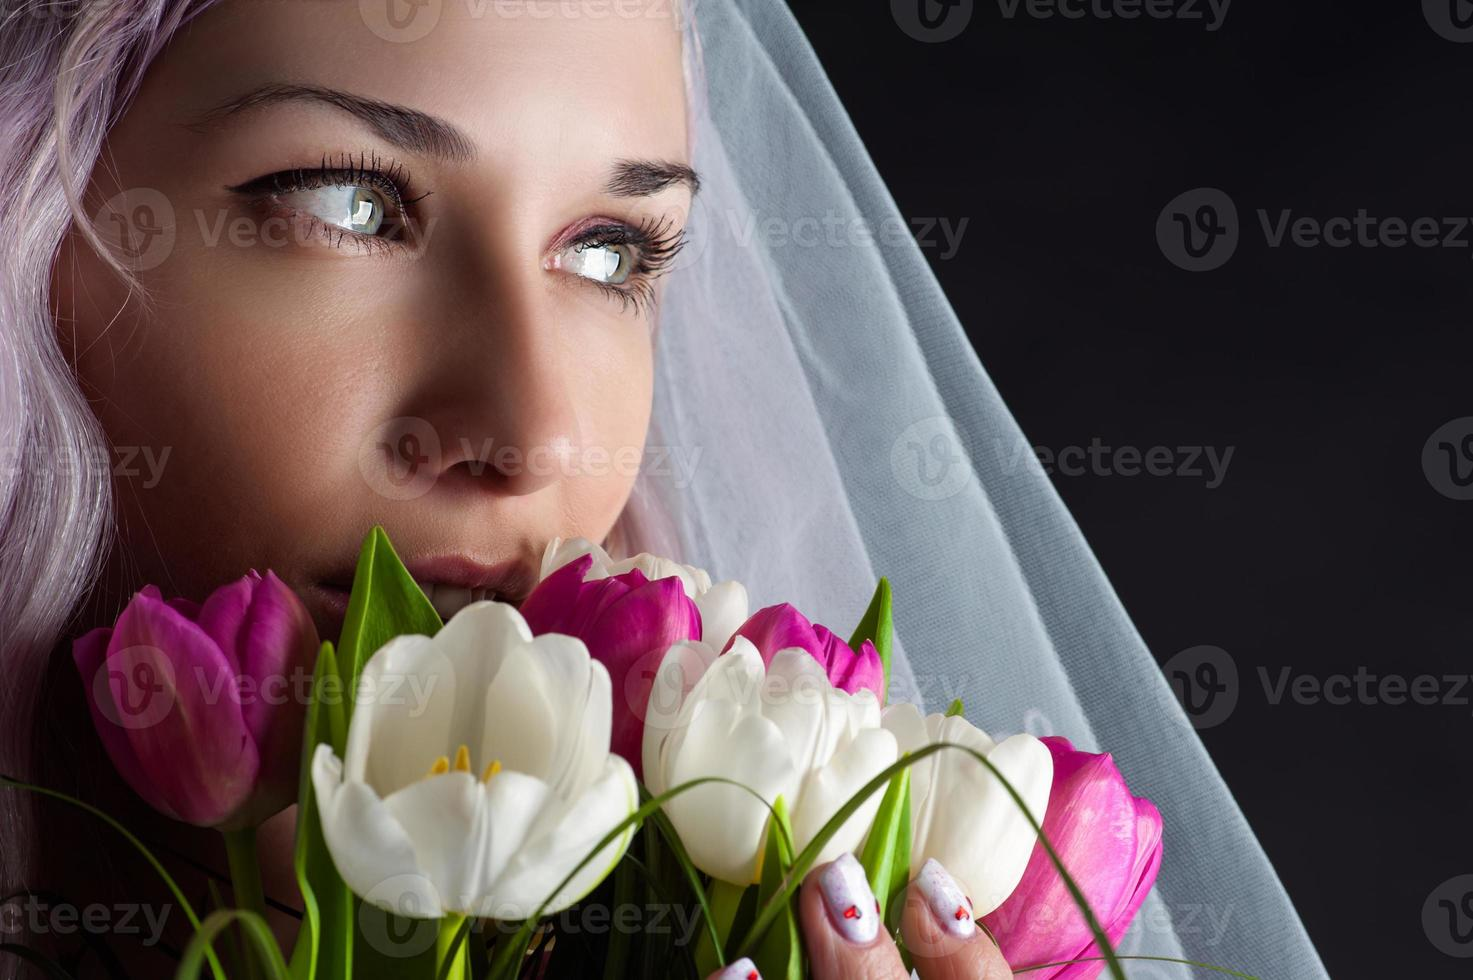 rostro de mujer con un ramo de tulipanes foto